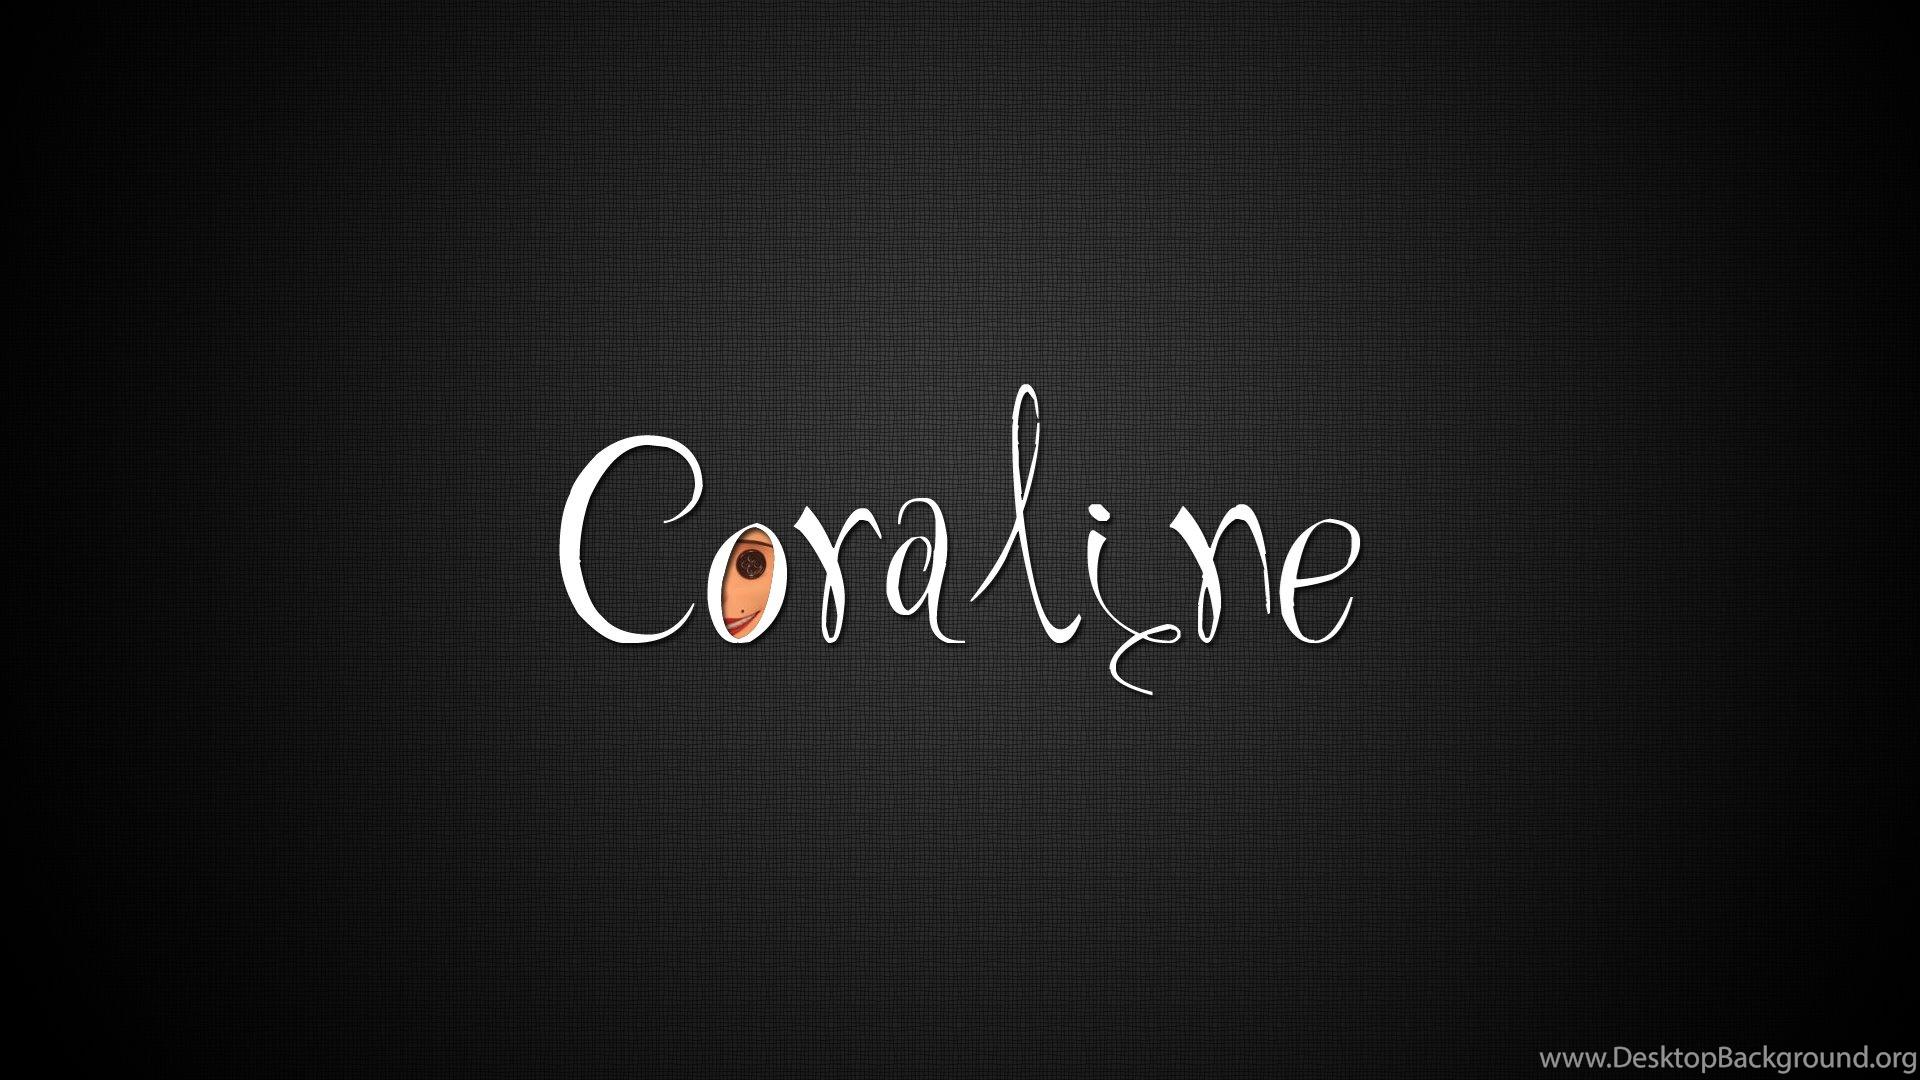 Top Coraline Movie I Hd Wallpapers Desktop Background